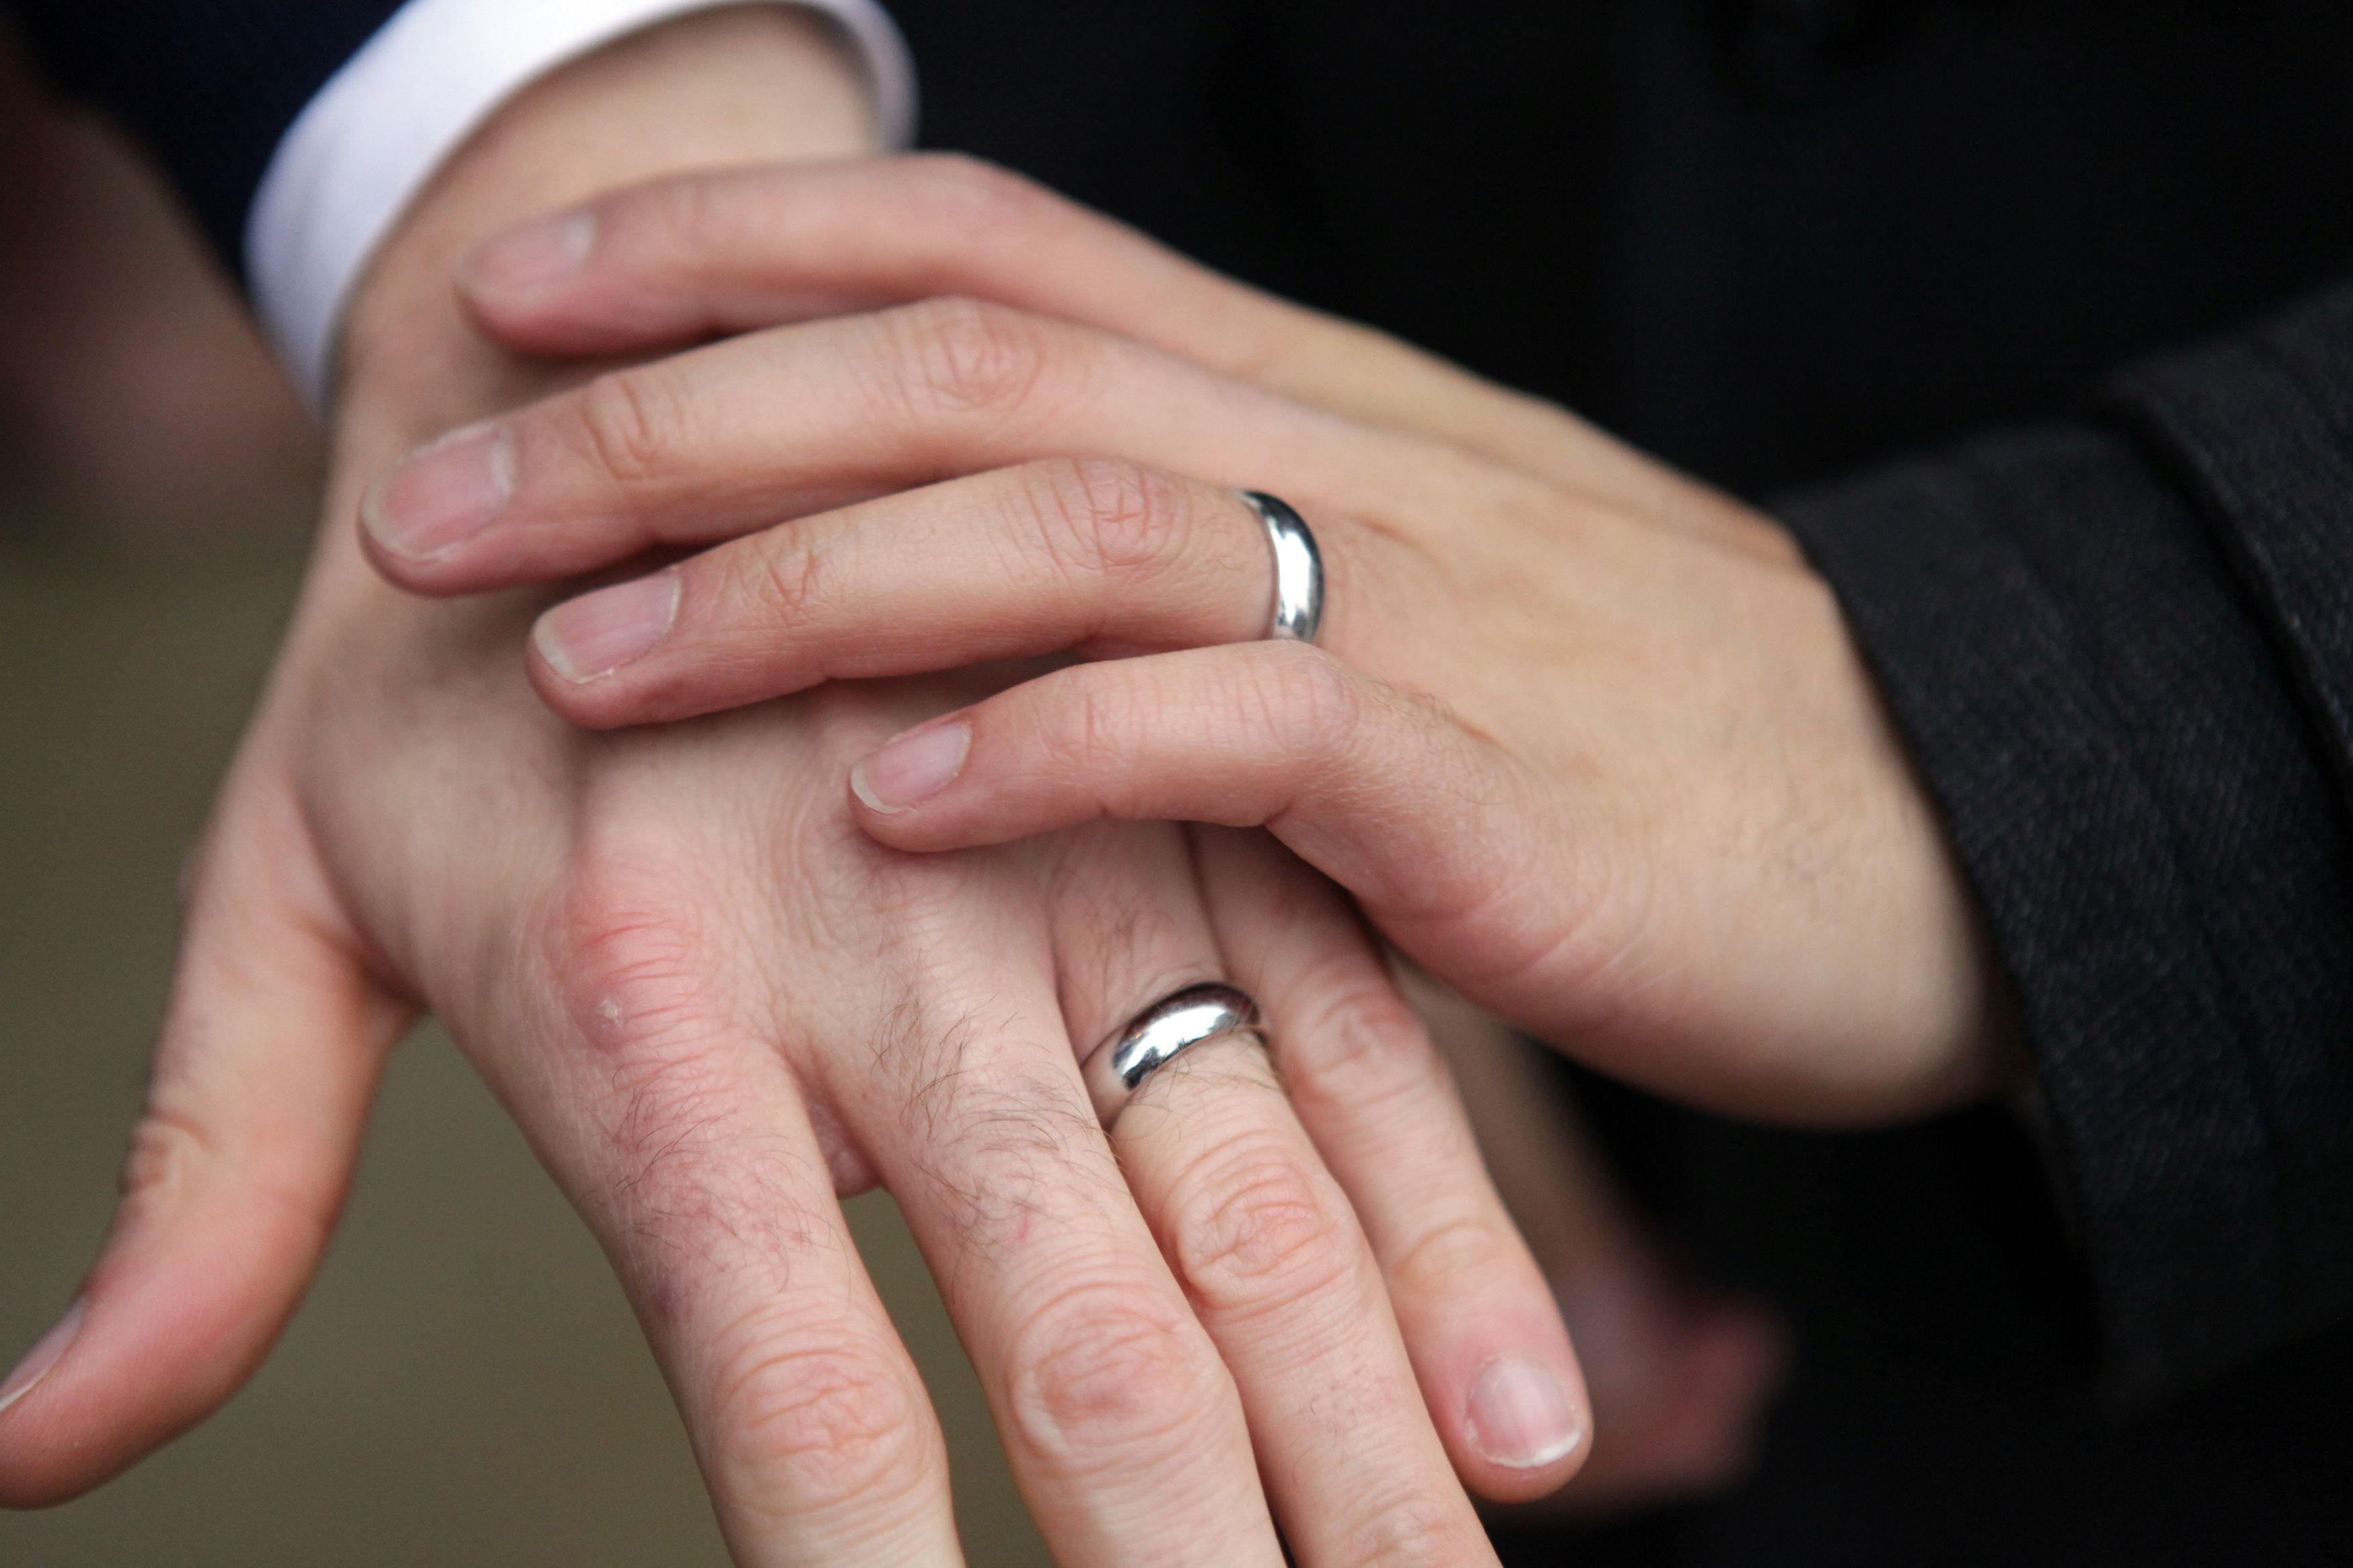 Mariage homosexuel : le gouvernement est-il pris au piège de revendications idéologiques ?